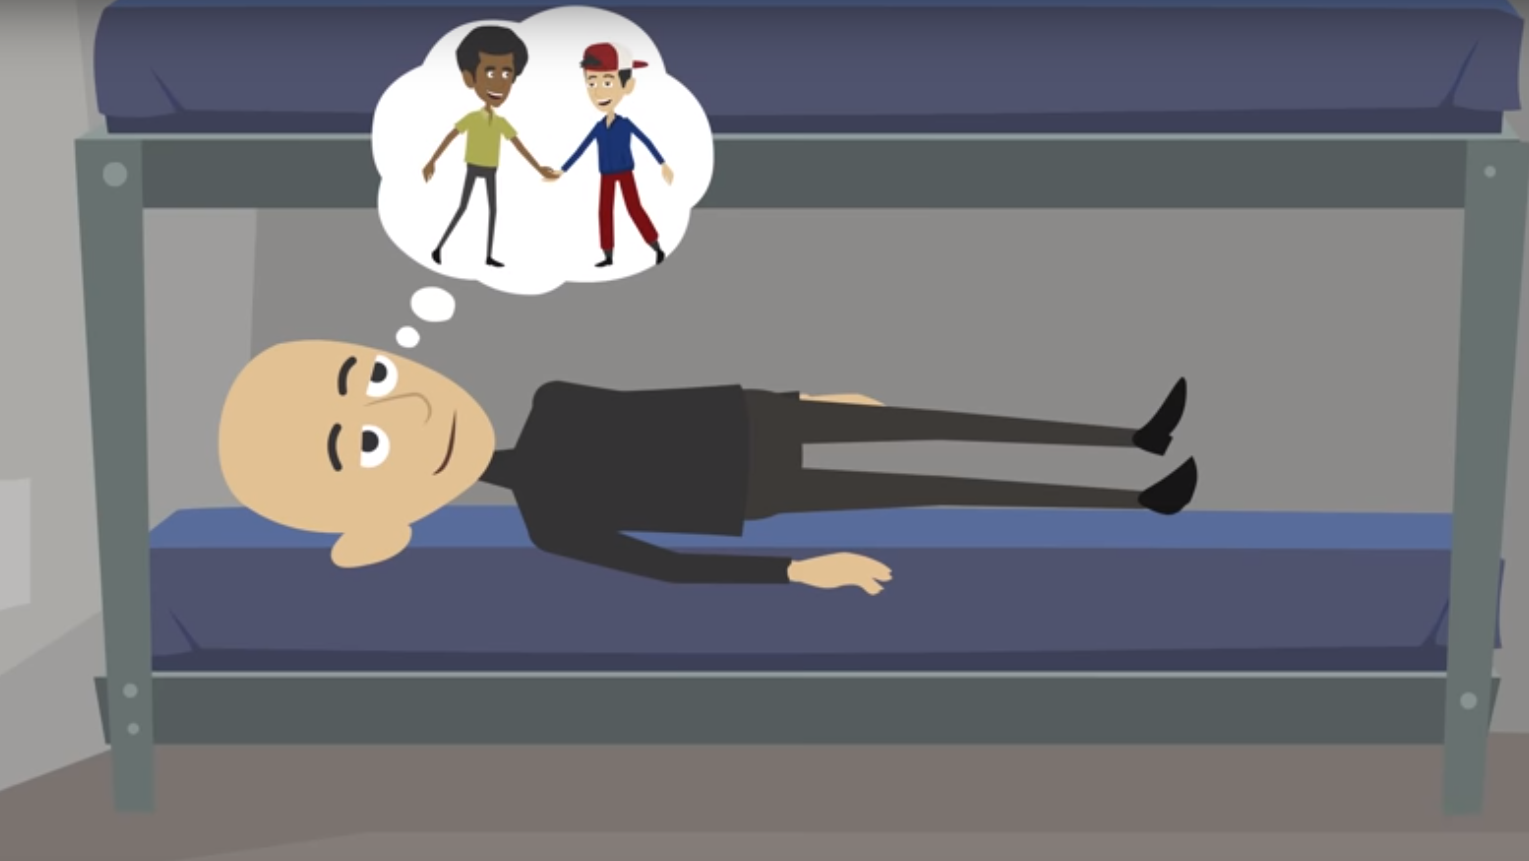 СК снял мультфильм о том, как подростков сажают за репосты в соцсетях. Треш-видео